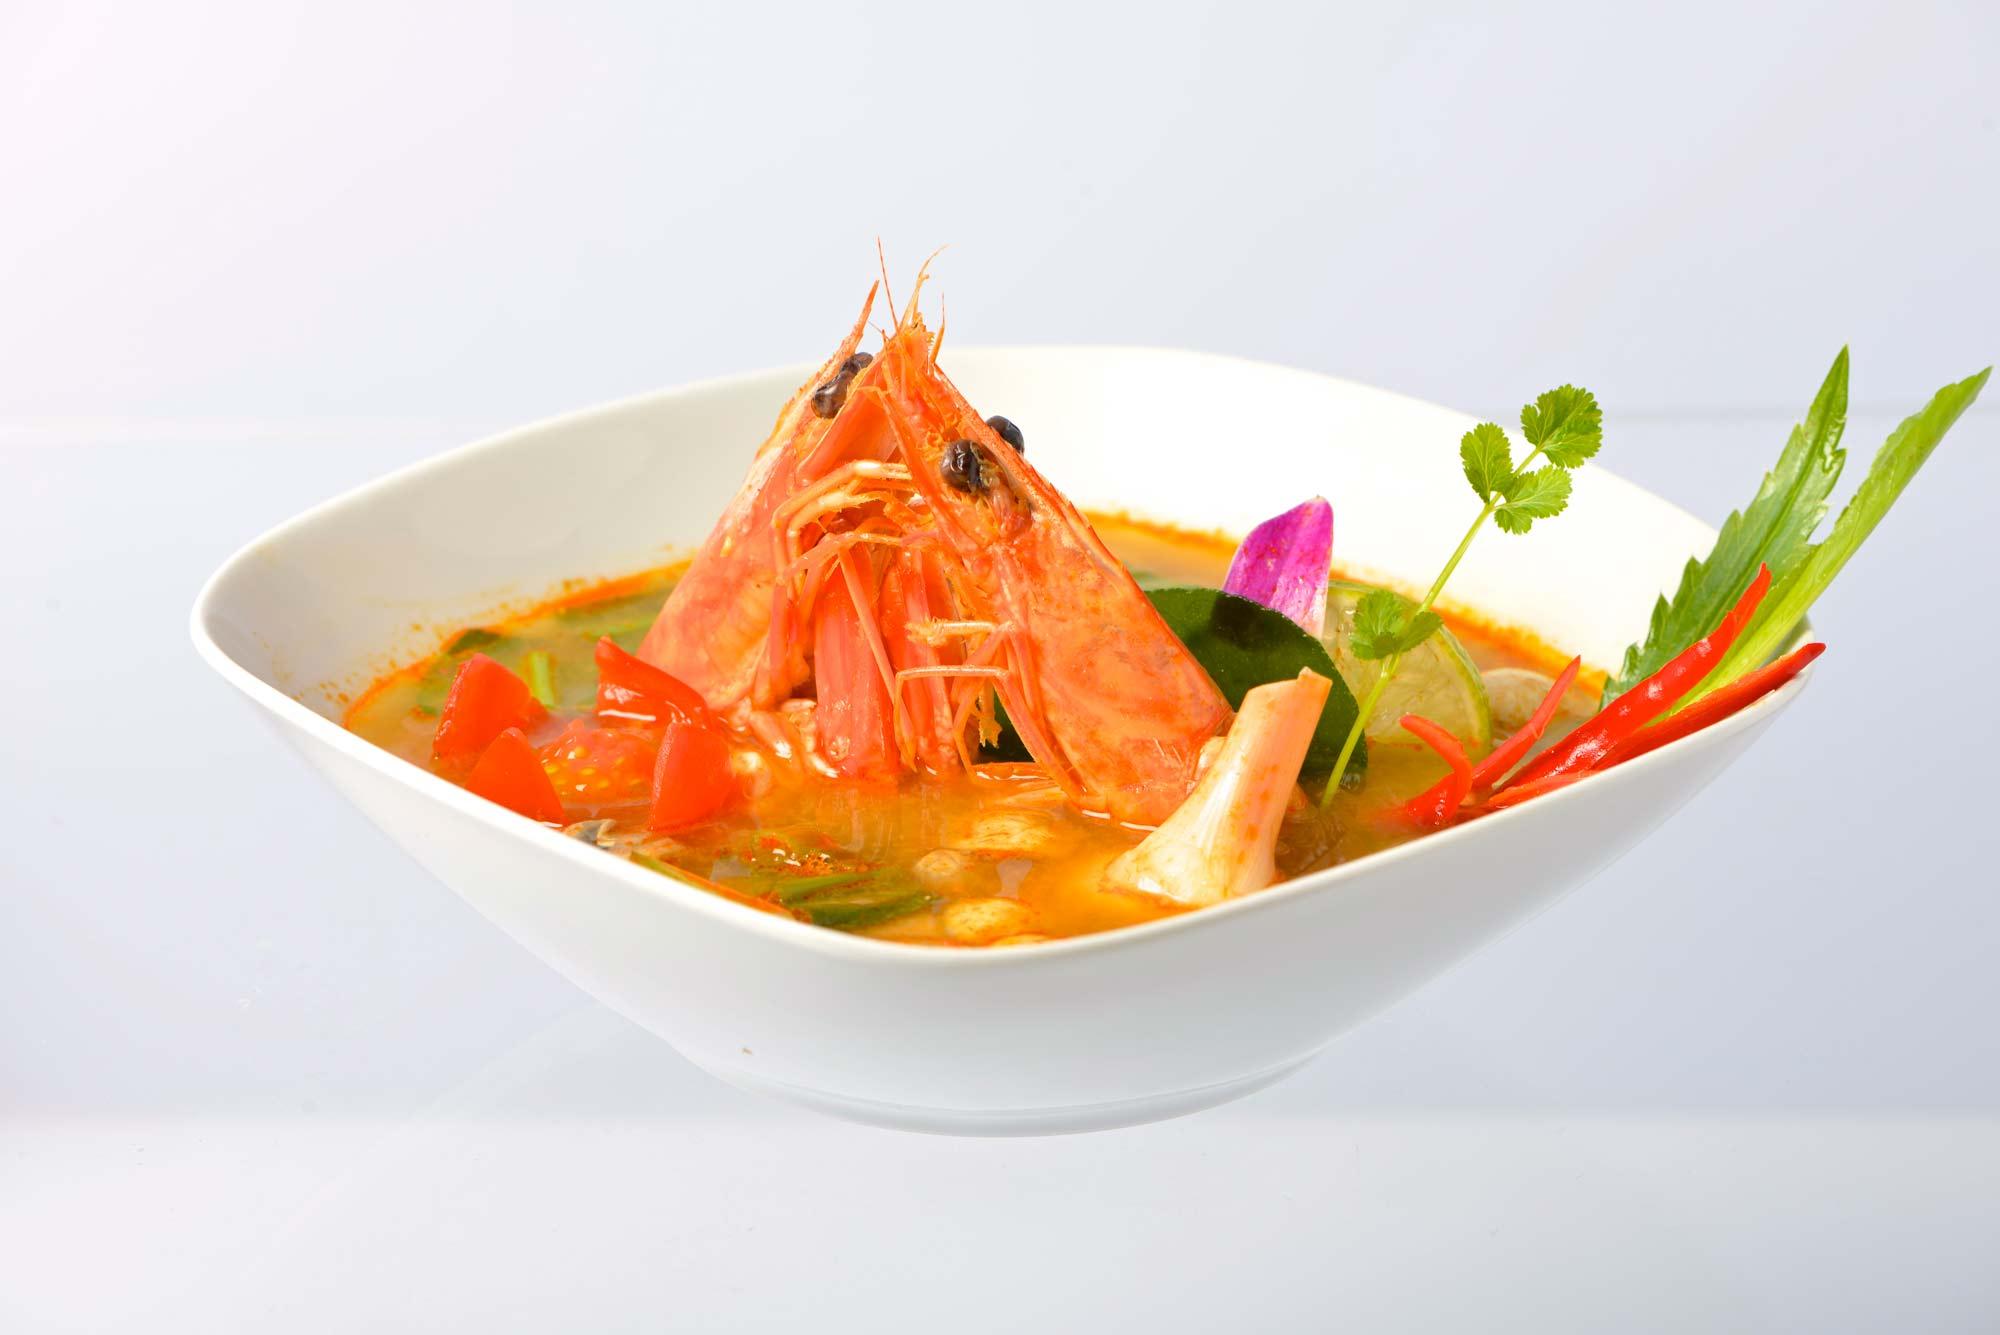 tom-yam-kung3-2000